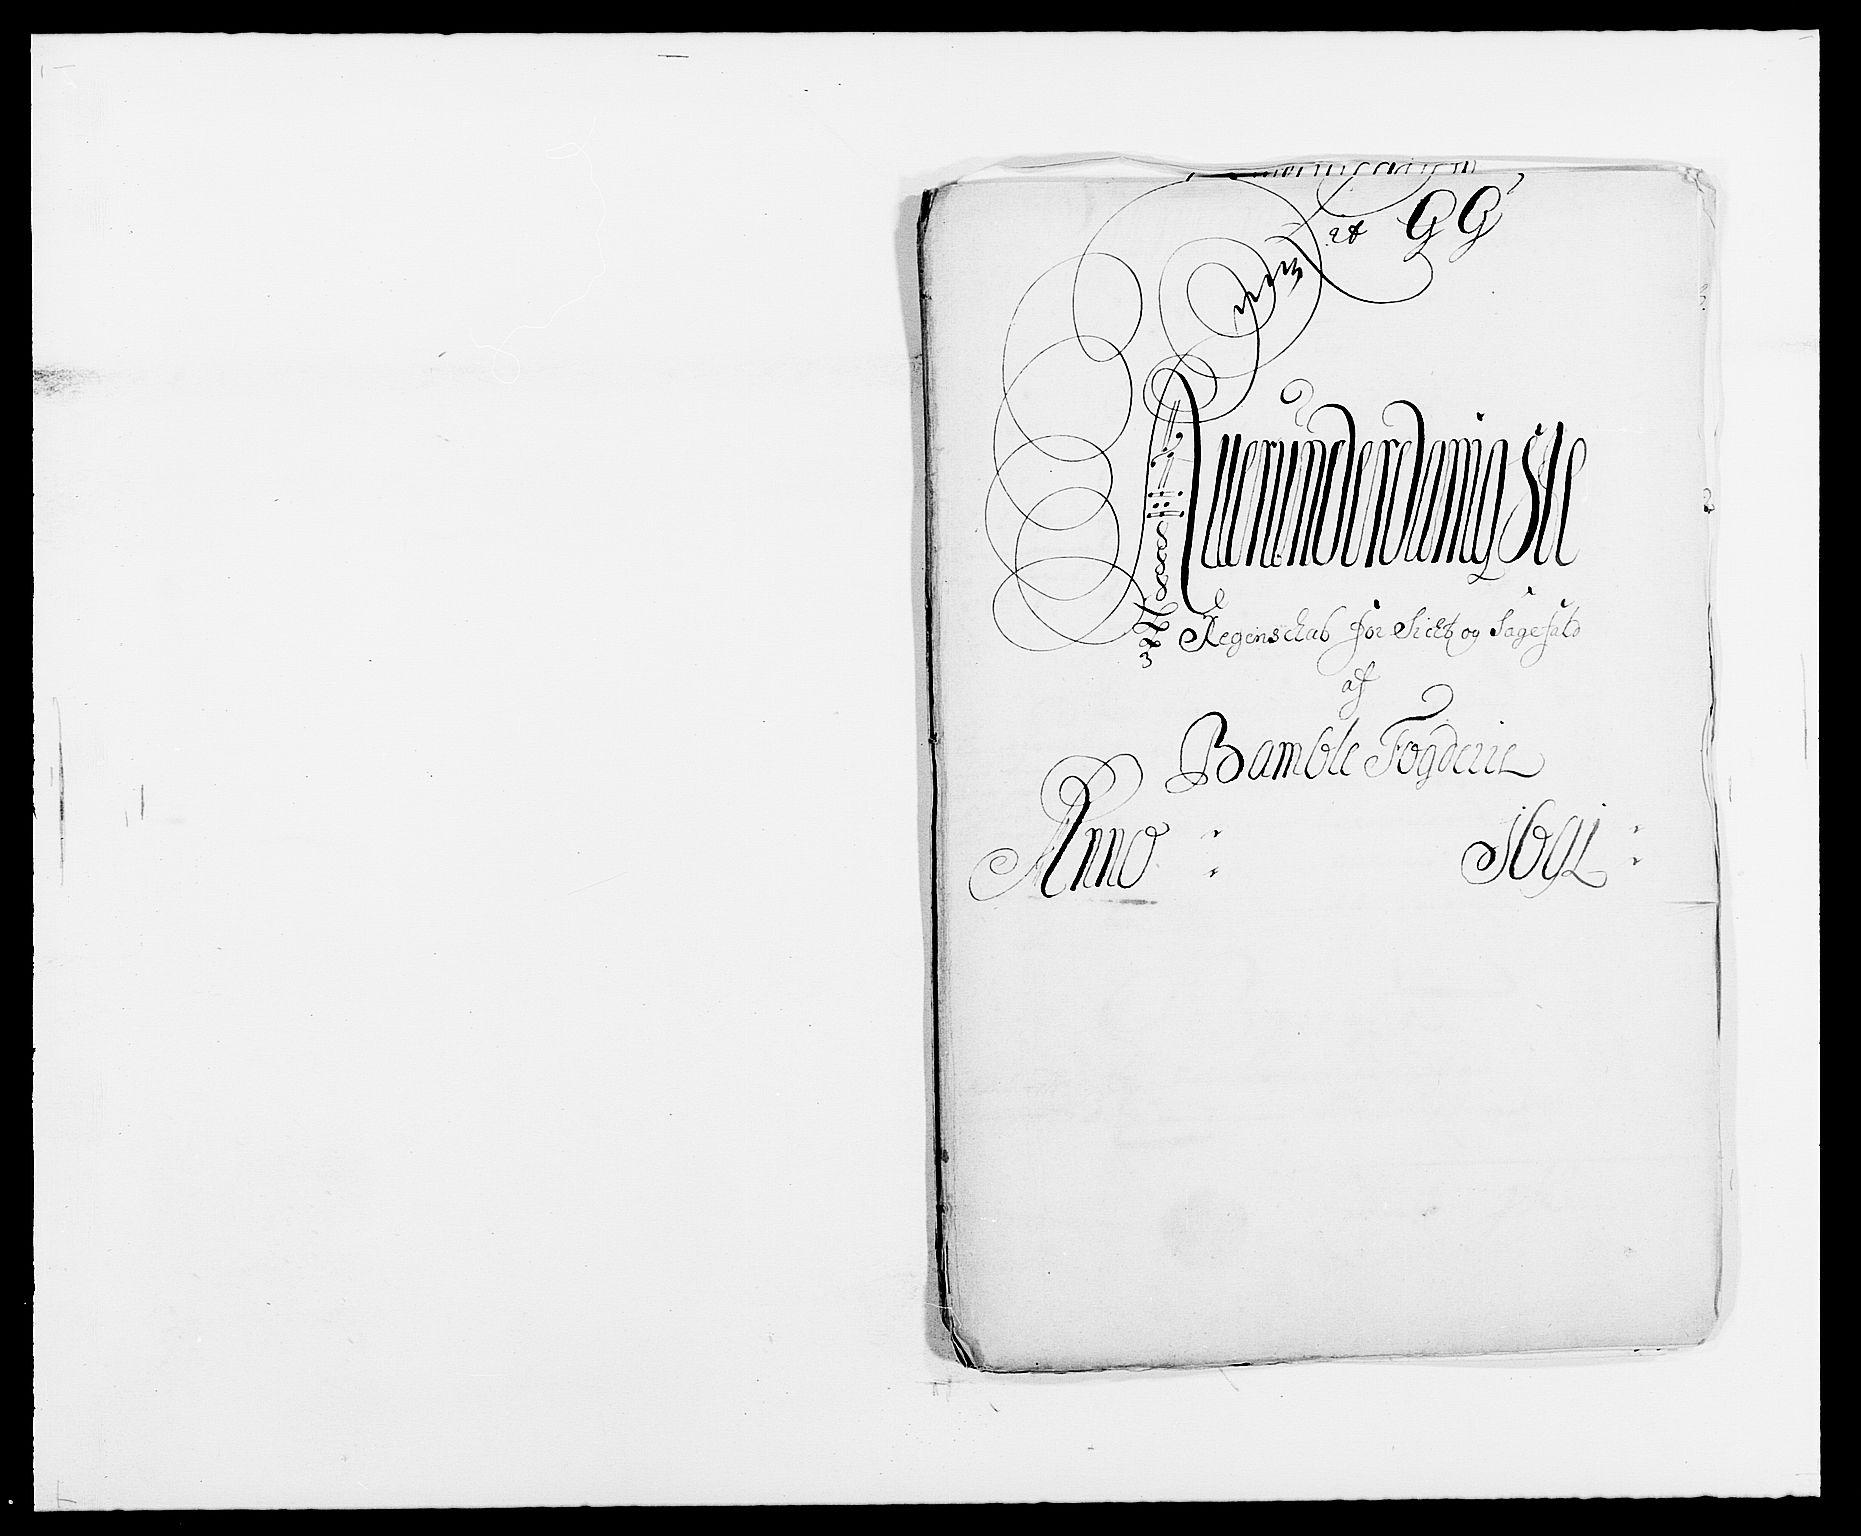 RA, Rentekammeret inntil 1814, Reviderte regnskaper, Fogderegnskap, R34/L2051: Fogderegnskap Bamble, 1688-1691, s. 156